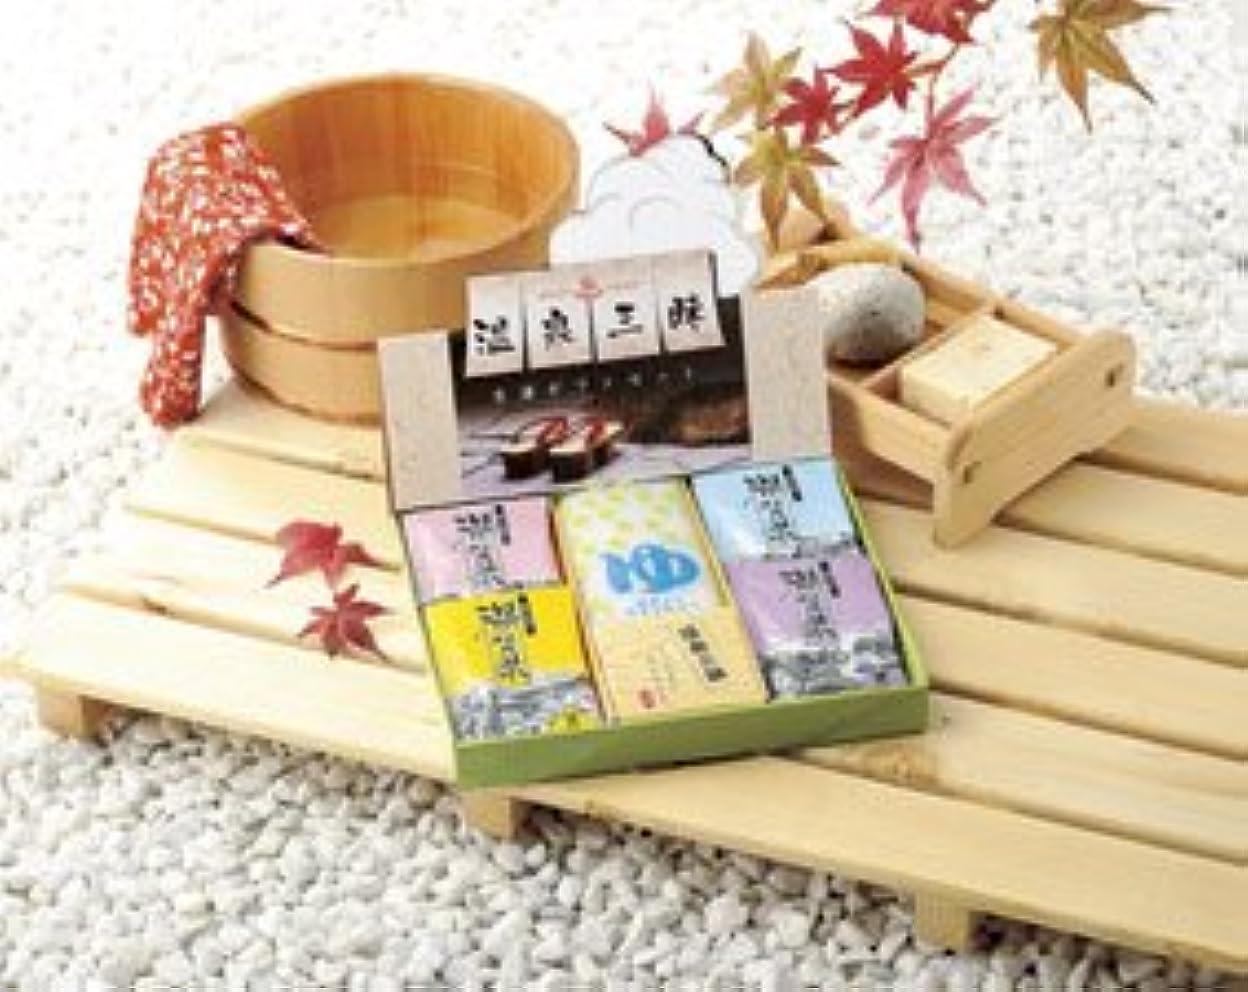 温泉三昧 名湯ギフトセット 1ケース60個入り(1個単価¥415)